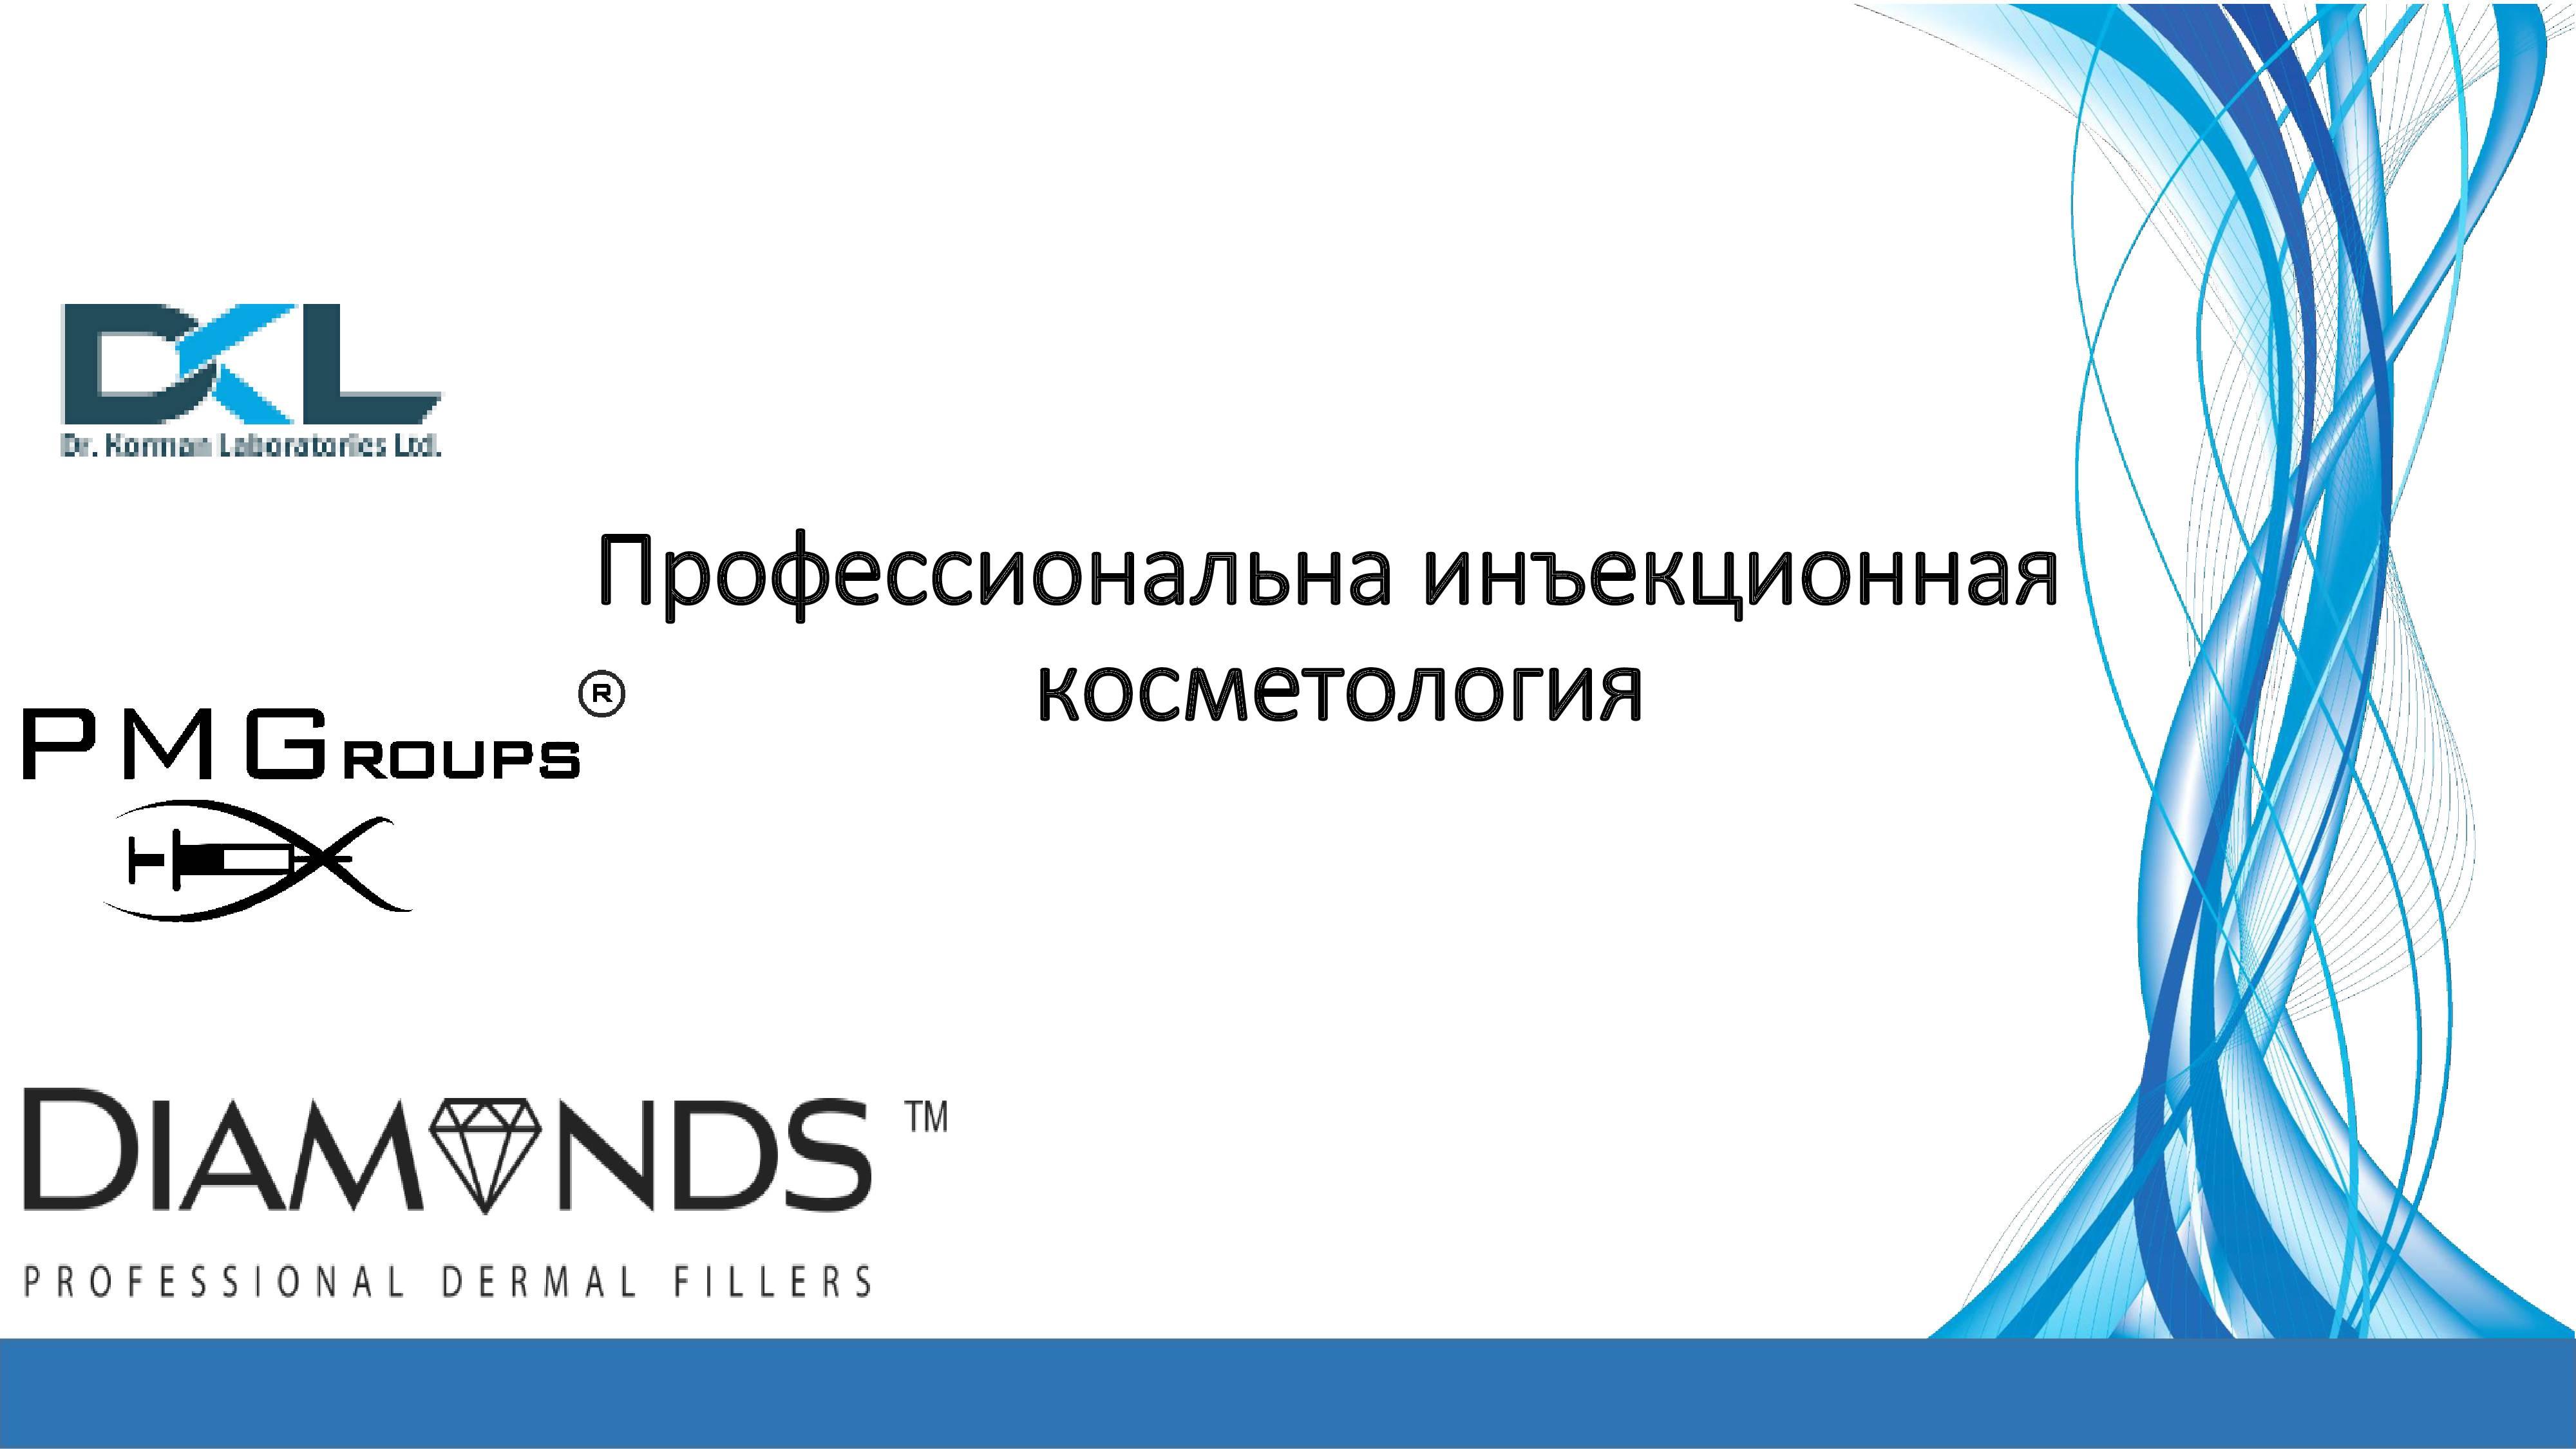 Diamonds_филлеры-1